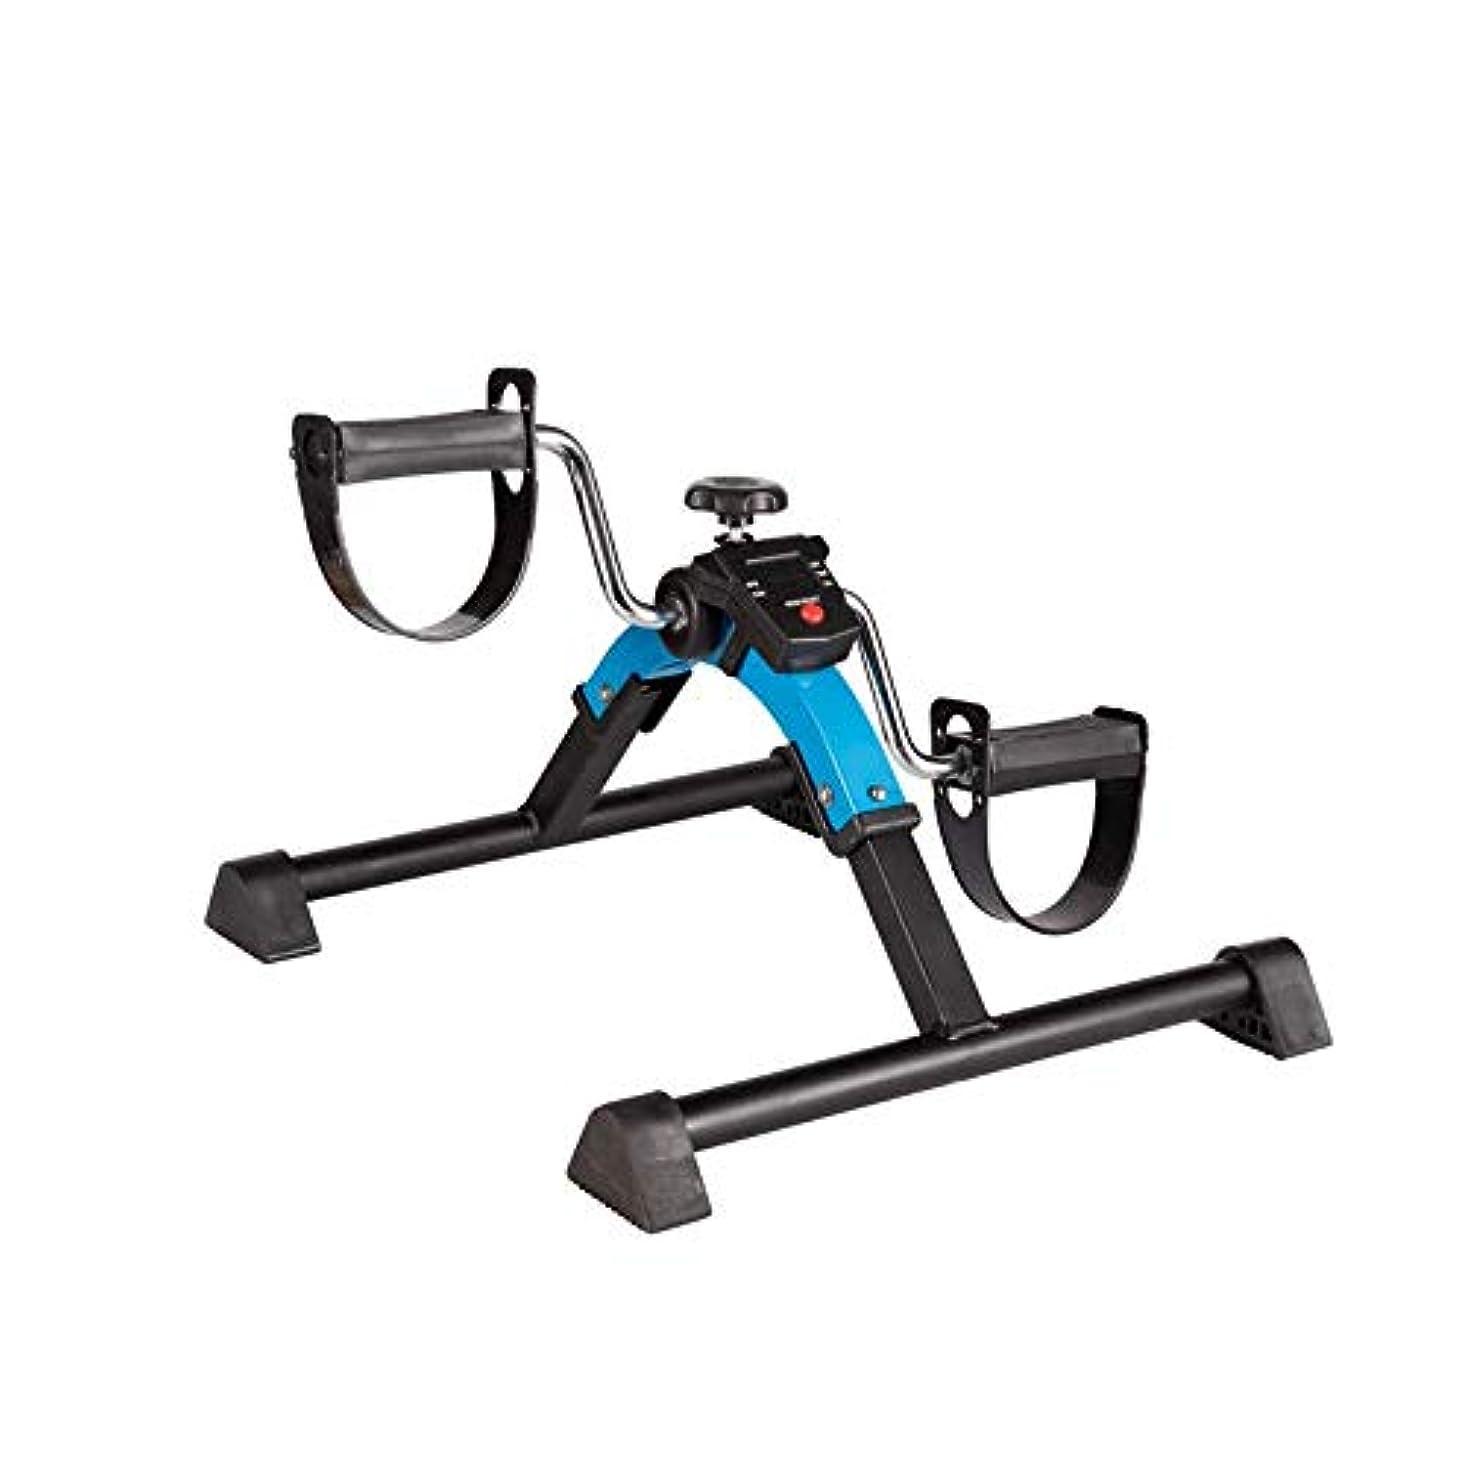 エクスタシー空虚増強する上肢および下肢エクササイズペダル、レッグマシン、リハビリトレーニング機器、脳卒中、片麻痺、手足、二重使用自転車